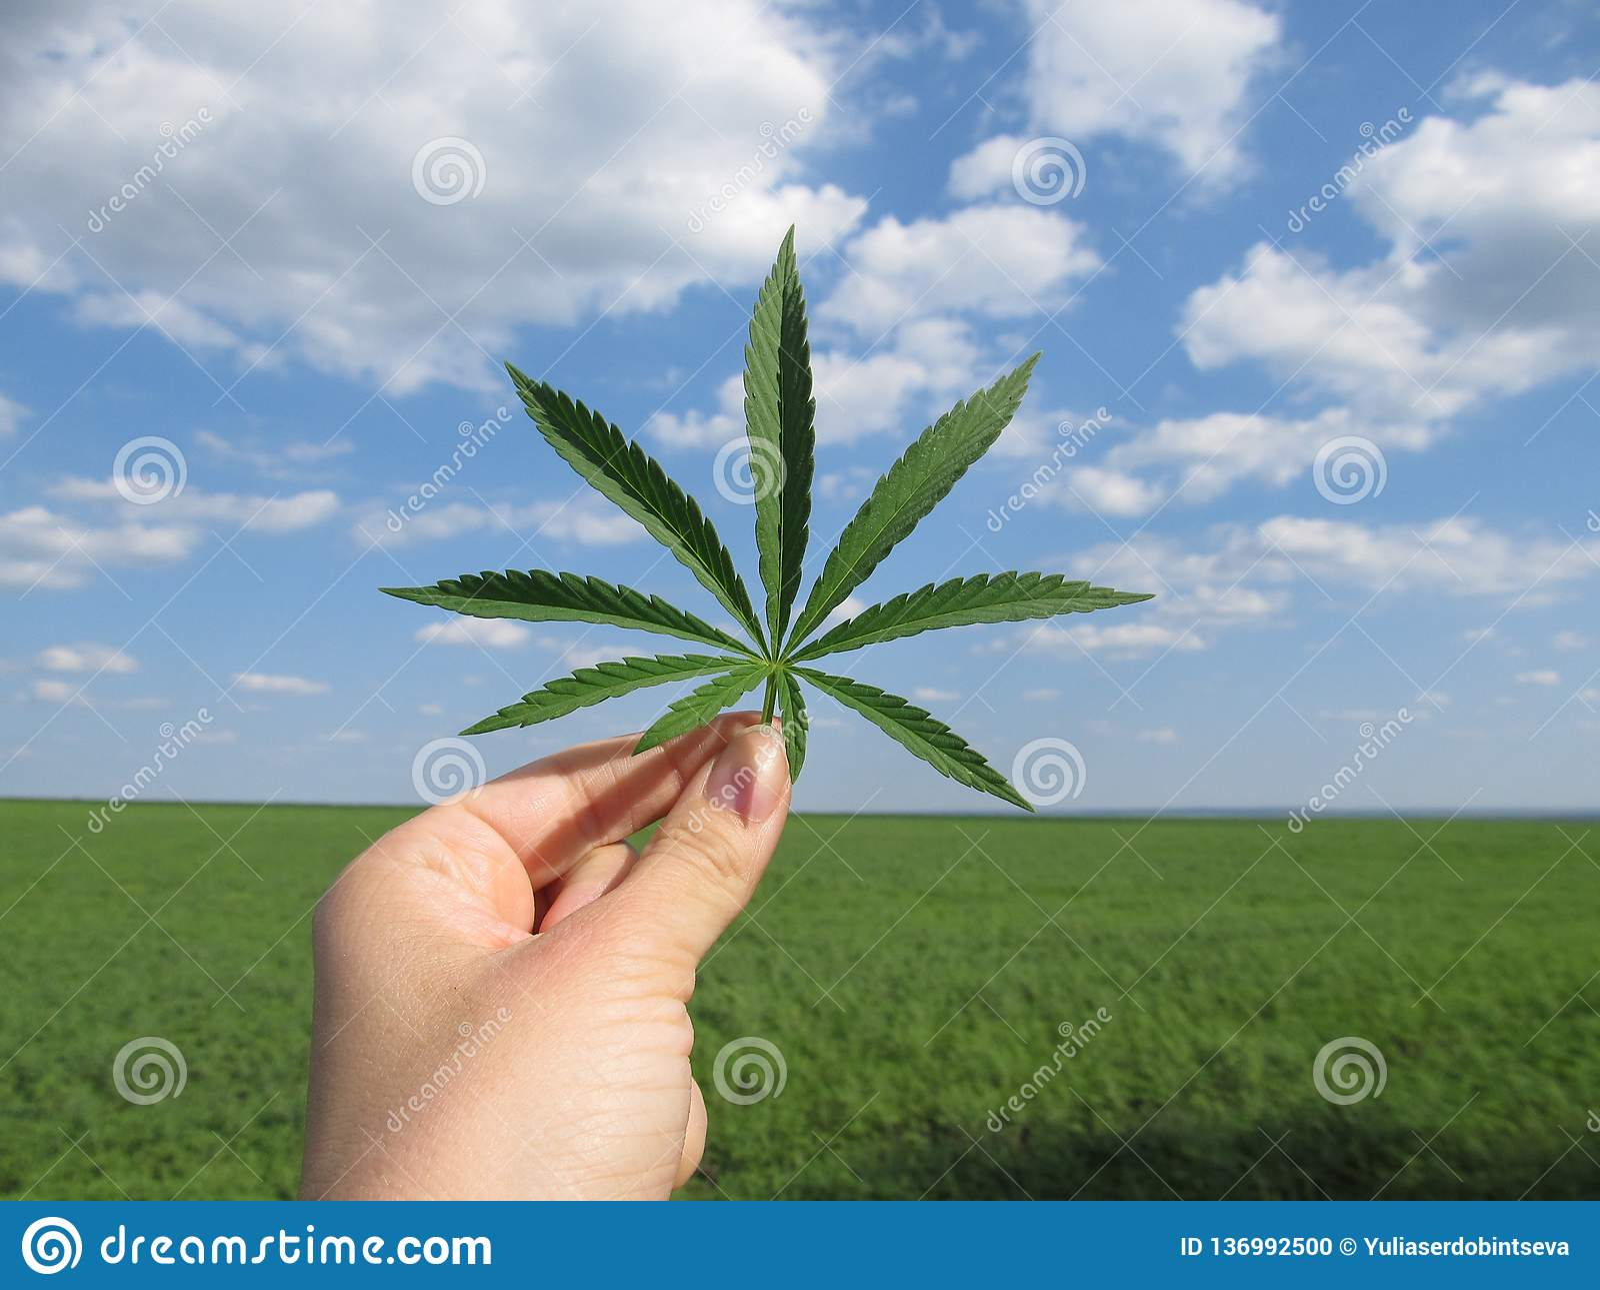 Blad van cannabis in de hand tegen een blauwe bewolkte hemel en een groen gebied